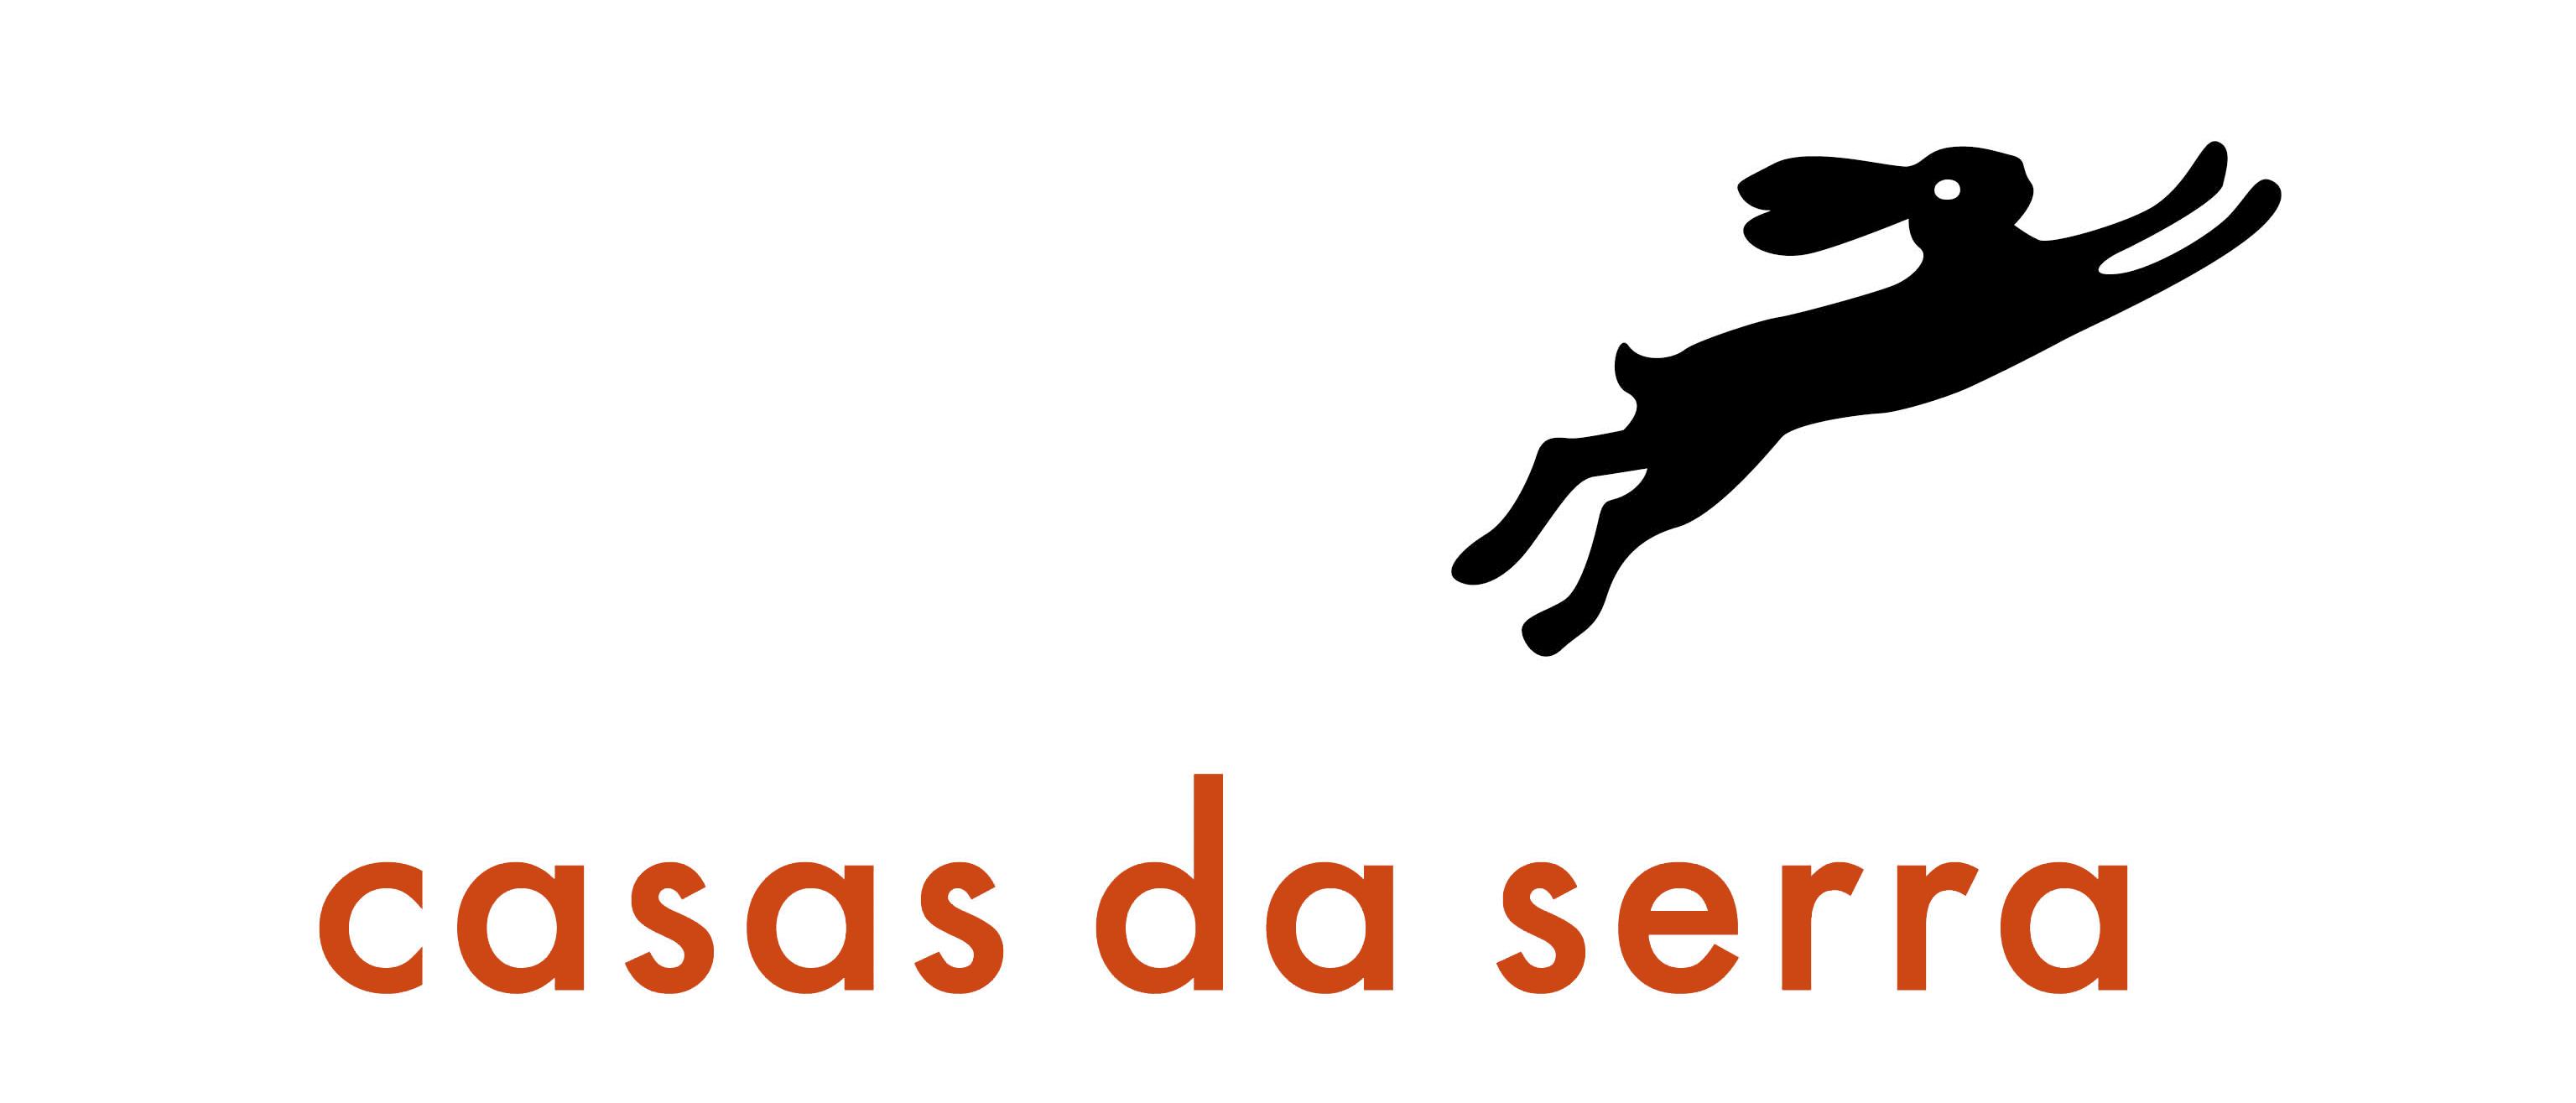 Casas da Serra Tavira